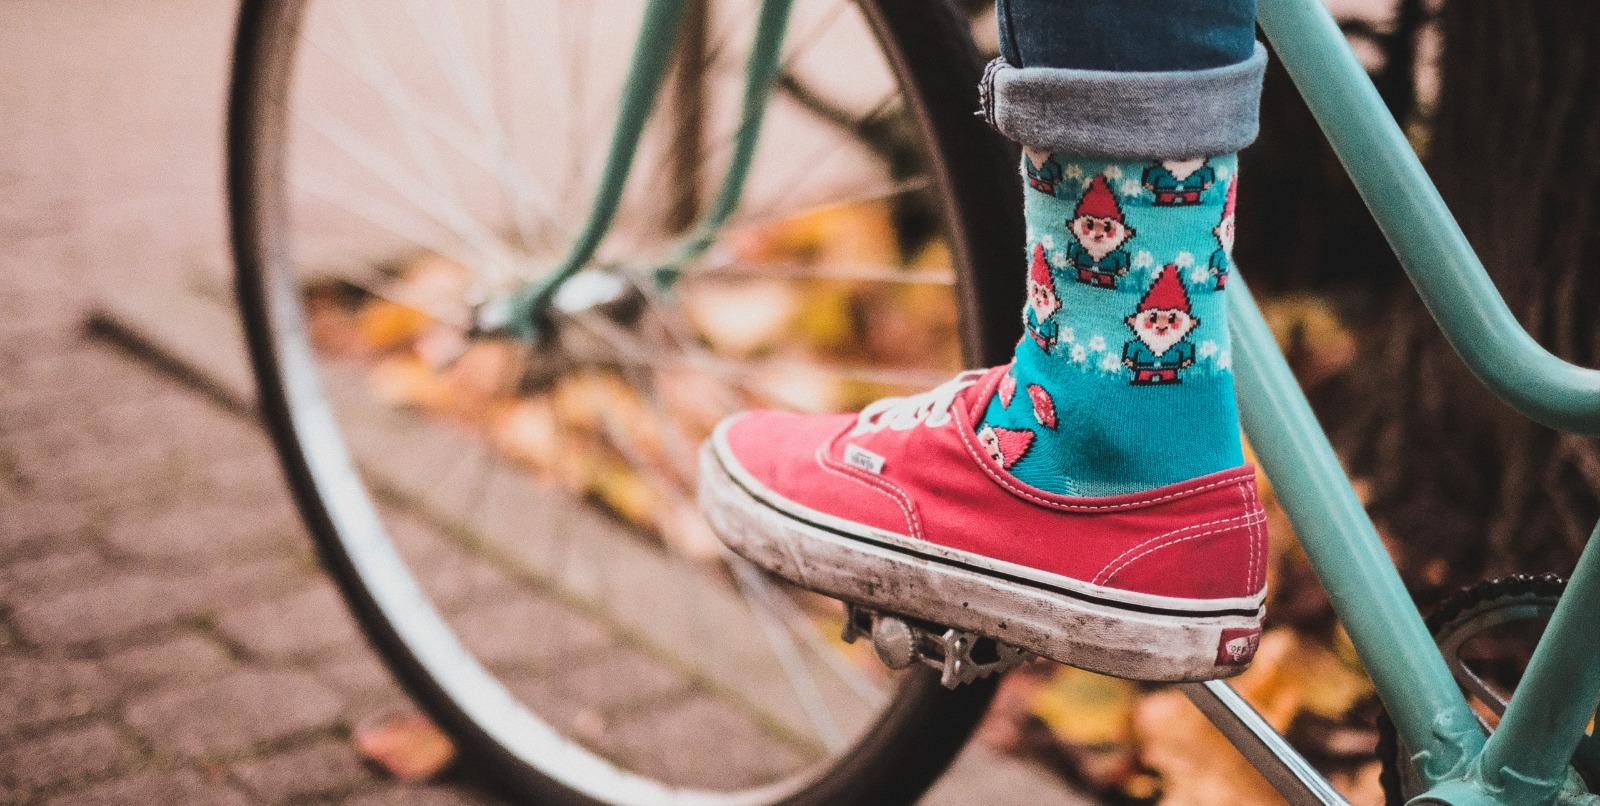 Let's Sock & Roll: calzini in sconto con il nostro codice coupon speciale